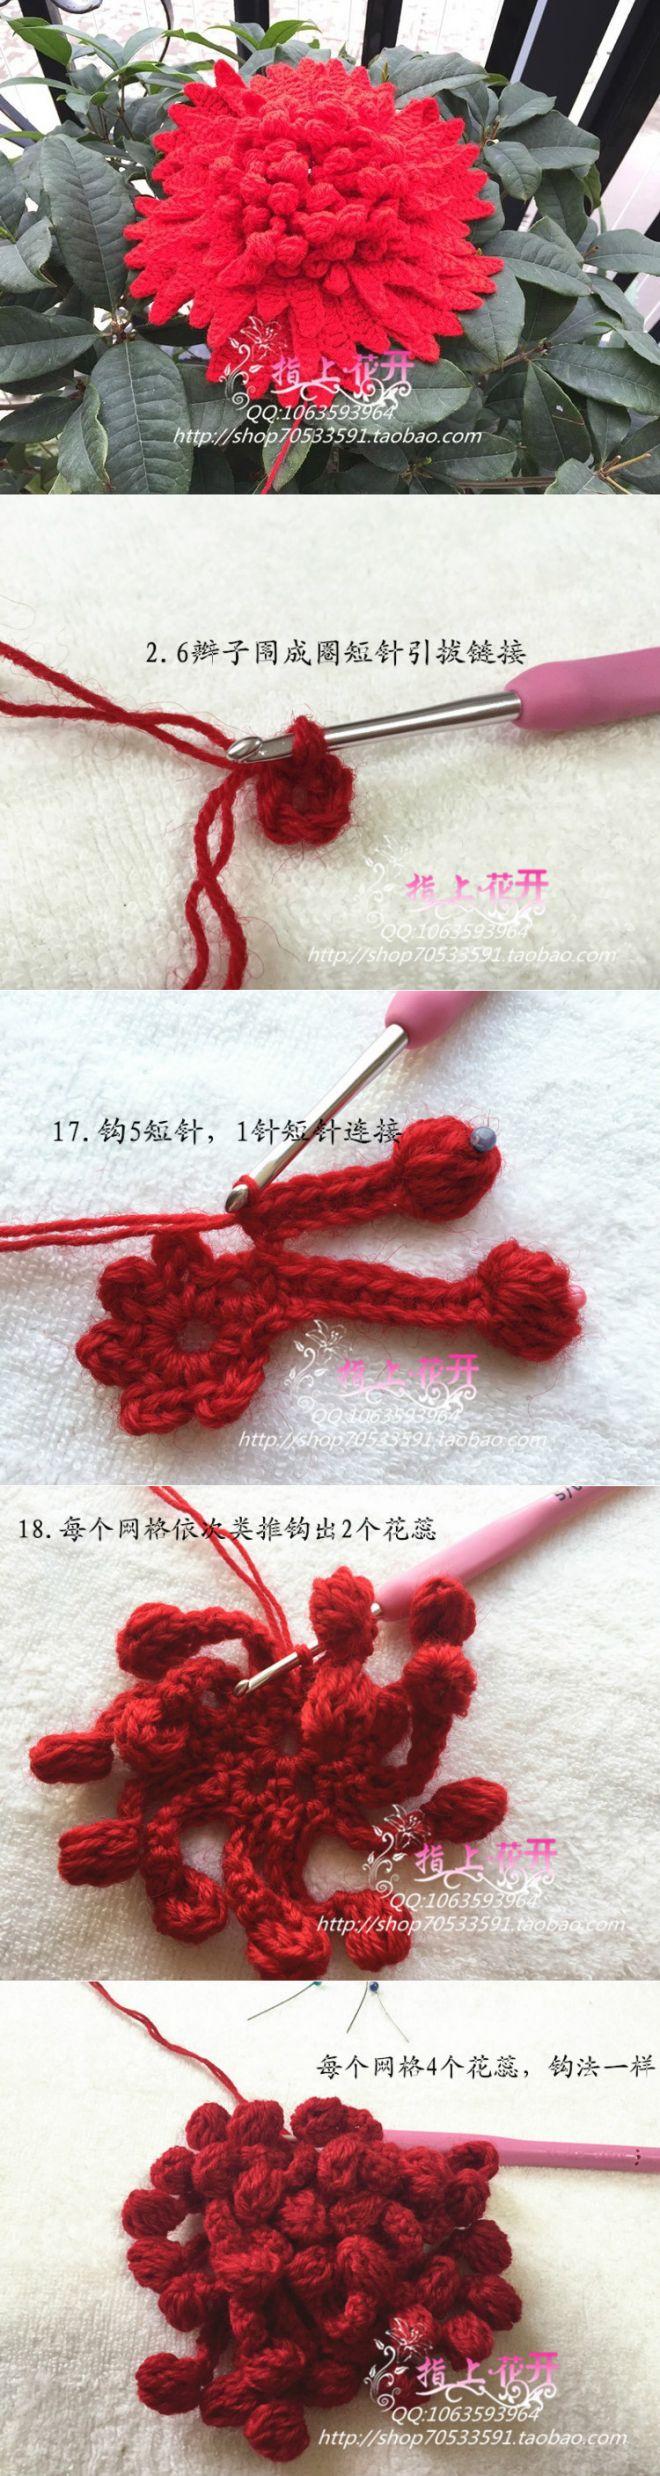 Имею в виду руководство-внешнее плетение паутины цветок технологические карты - свежие срубы вода - веб-простой блог.